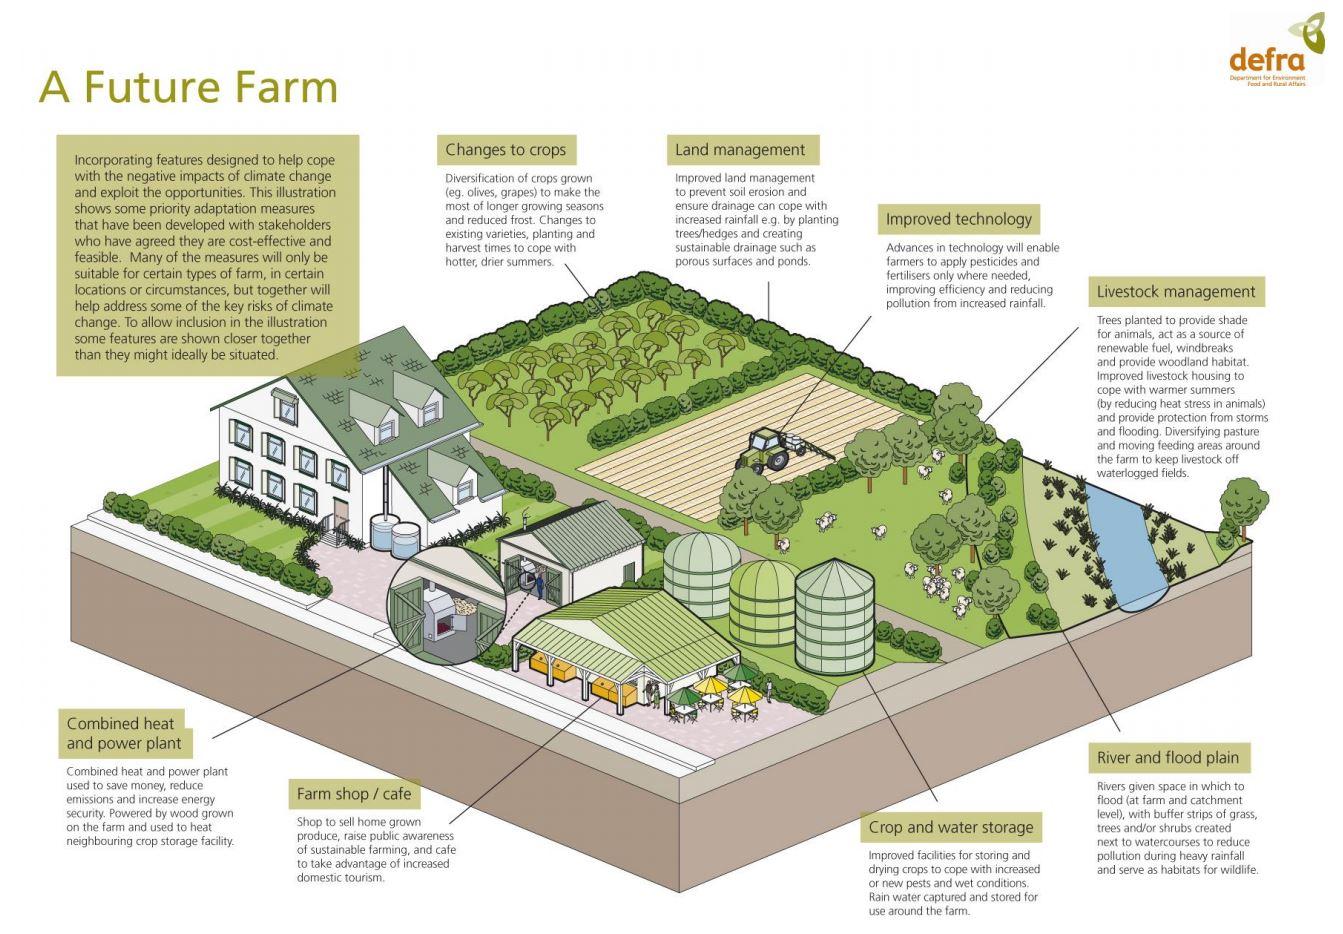 il mondo del futuro agricolo